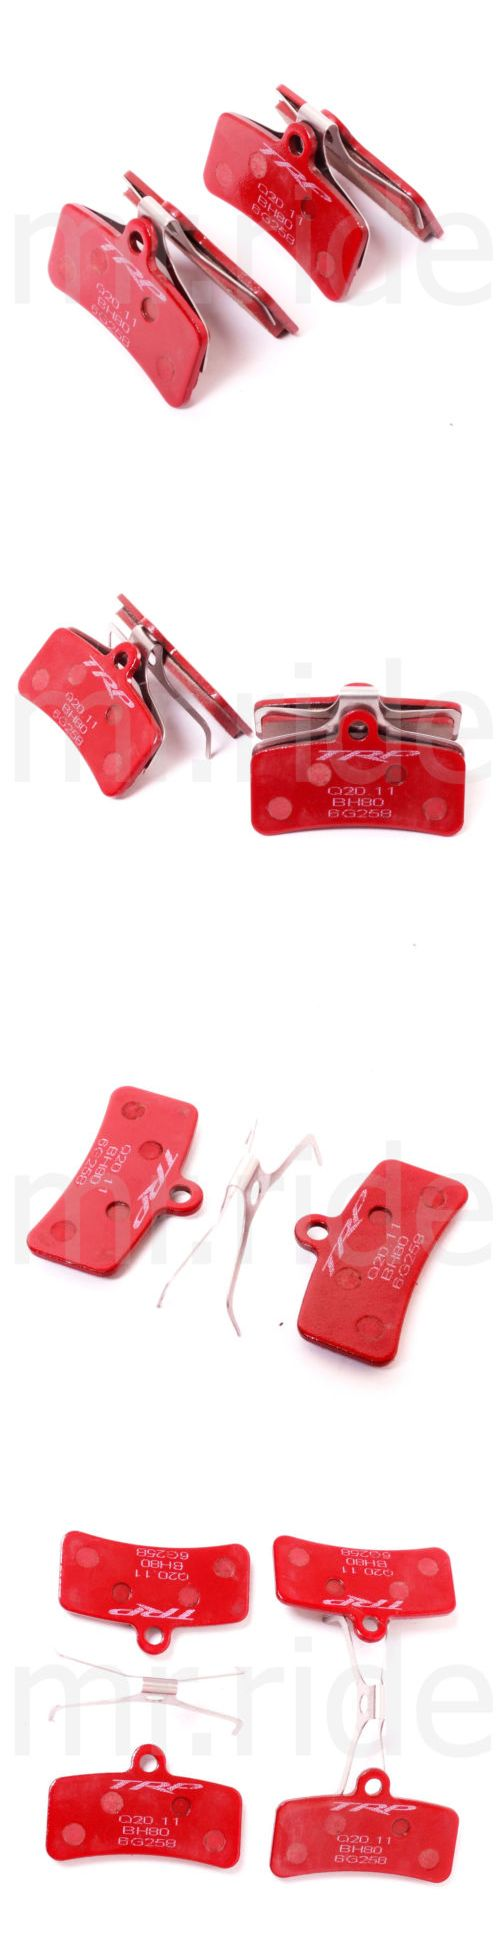 Brake Pads 177806: 2 Pair X Trp Bike Q20.11 Disc Brake Pad W Spring Fit Quadiem, Quadiem Sl -> BUY IT NOW ONLY: $31.88 on eBay!